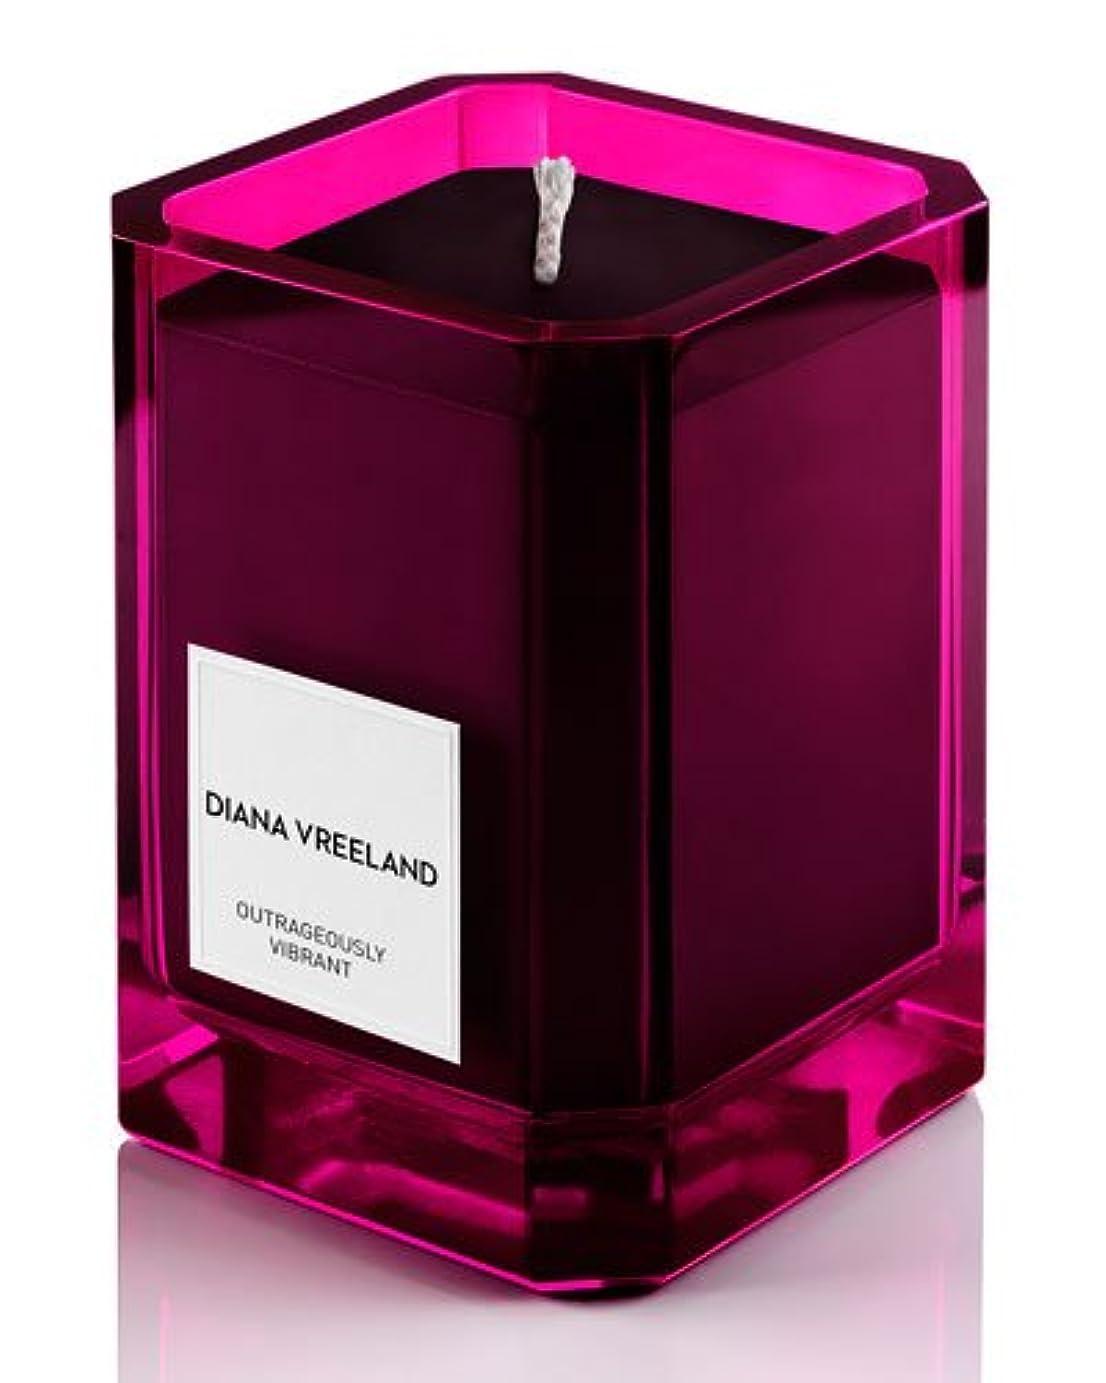 キャプテンいたずらな学んだDiana Vreeland Outrageously Vibrant(ダイアナ ヴリーランド アウトレイジャスリー ヴィブラント)9.7 oz (291ml) Candle(香り付きキャンドル)